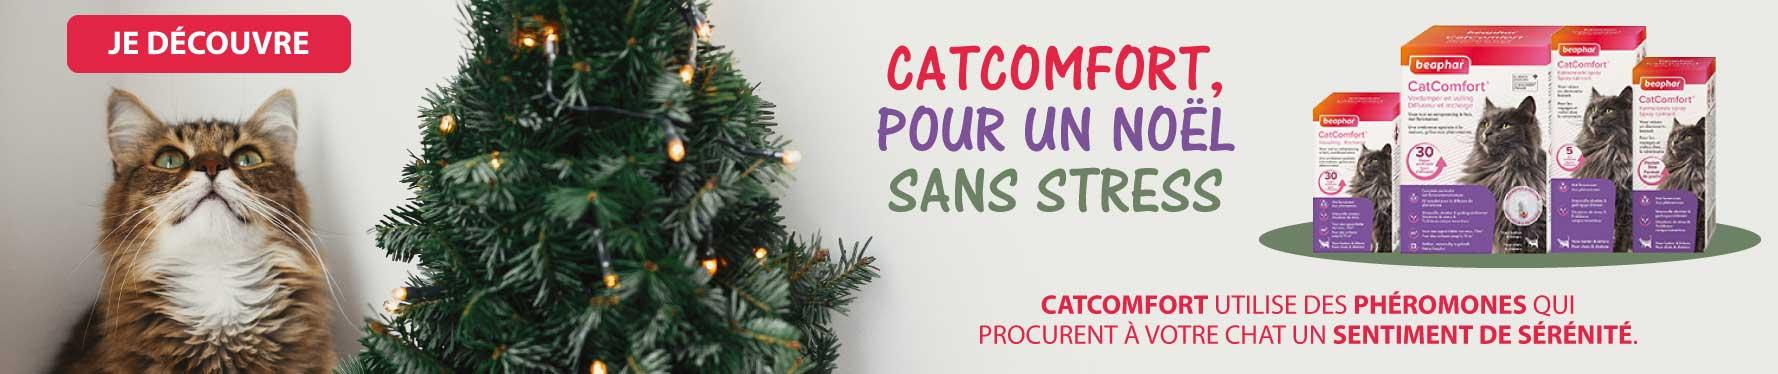 CatComfort pour un Noël sans stress